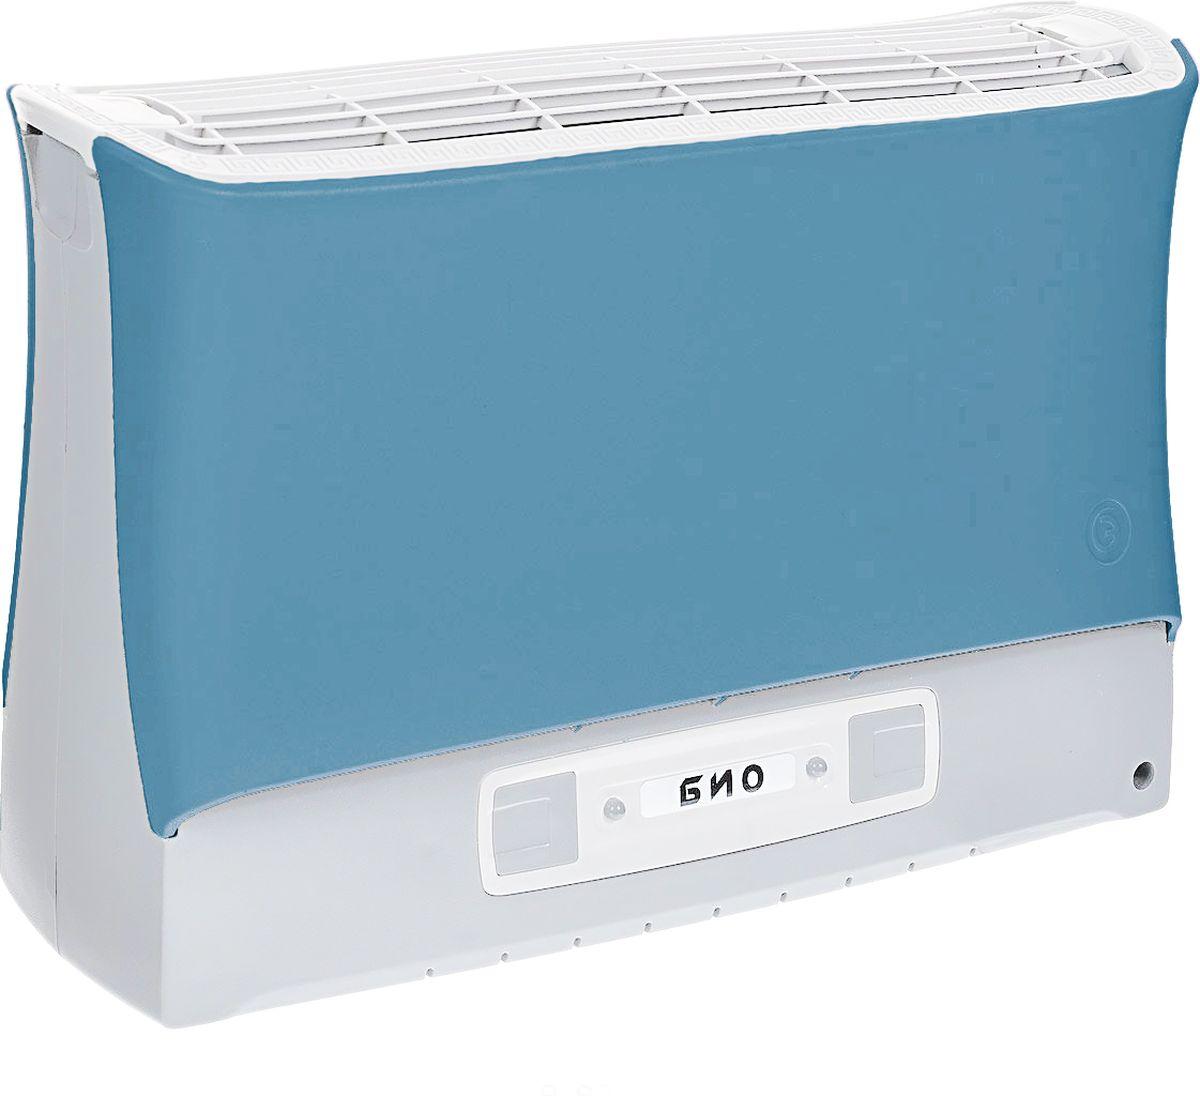 Супер Плюс Био очиститель воздуха, цвет синийСупер-Плюс-Био синийВоздухоочиститель Супер Плюс Био состоит из двух основных частей: корпуса, и кассеты. Кассета в прибор вставляется сверху и фиксируется защелками. На передней части прибора расположена панель управления прибором. Рекомендуемое рабочее положение прибора - вертикальное. Работа прибора основана на принципе ионного ветра, который возникает в результате коронного разряда и обеспечивает движение потока воздуха через кассету прибора, при этом частицы аэрозоля (пыль, дым, микроорганизмы), загрязняющие воздух, всасываются вместе с воздухом в кассету приобретая электрический заряд и под действием электростатического поля прилипают к осадительным пластинам, расположенным внутри кассеты. Воздух, проходящий через кассету, дополнительно обрабатывается озоном, образующимся в зоне коронного разряда, его количество заметно меньше предельно допустимой концентрации, но все же достаточно для того, чтобы в помещении, в котором работает прибор, уничтожались неприятные...